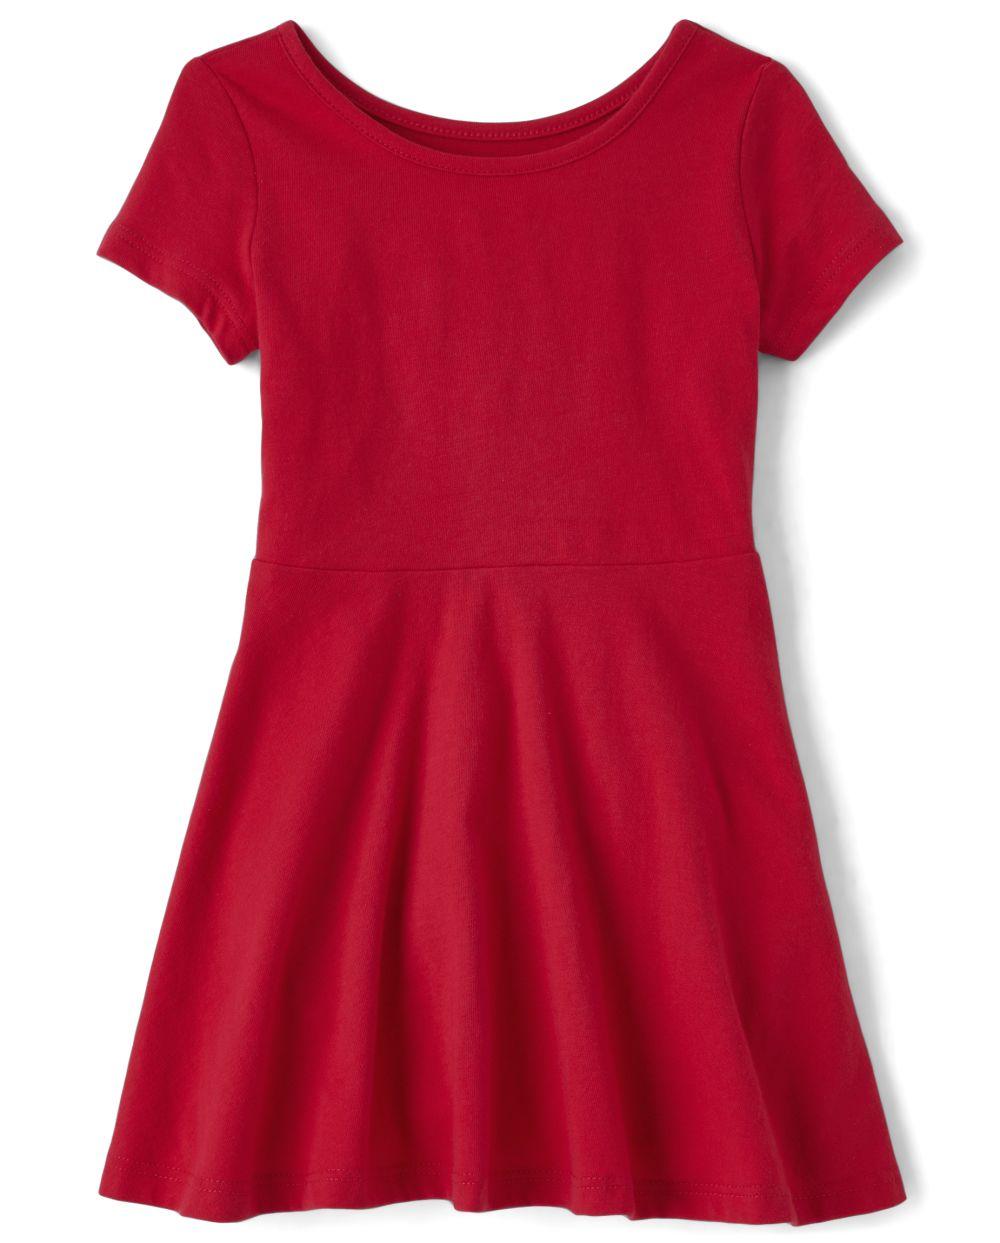 Toddler Girls Uniform Skater Dress